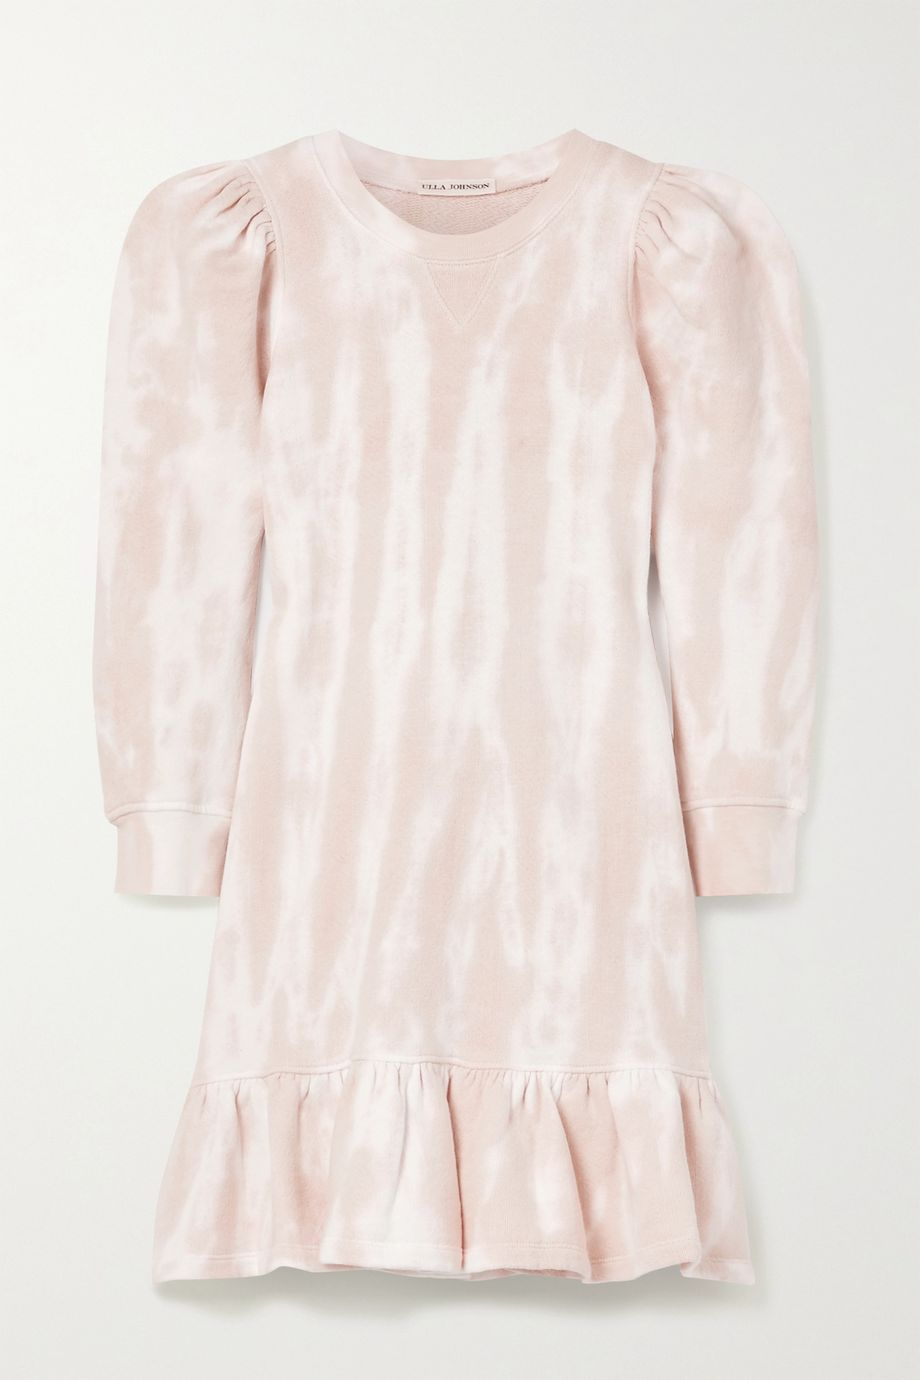 Ulla Johnson Eli ruffled tie-dyed cotton-jersey mini dress